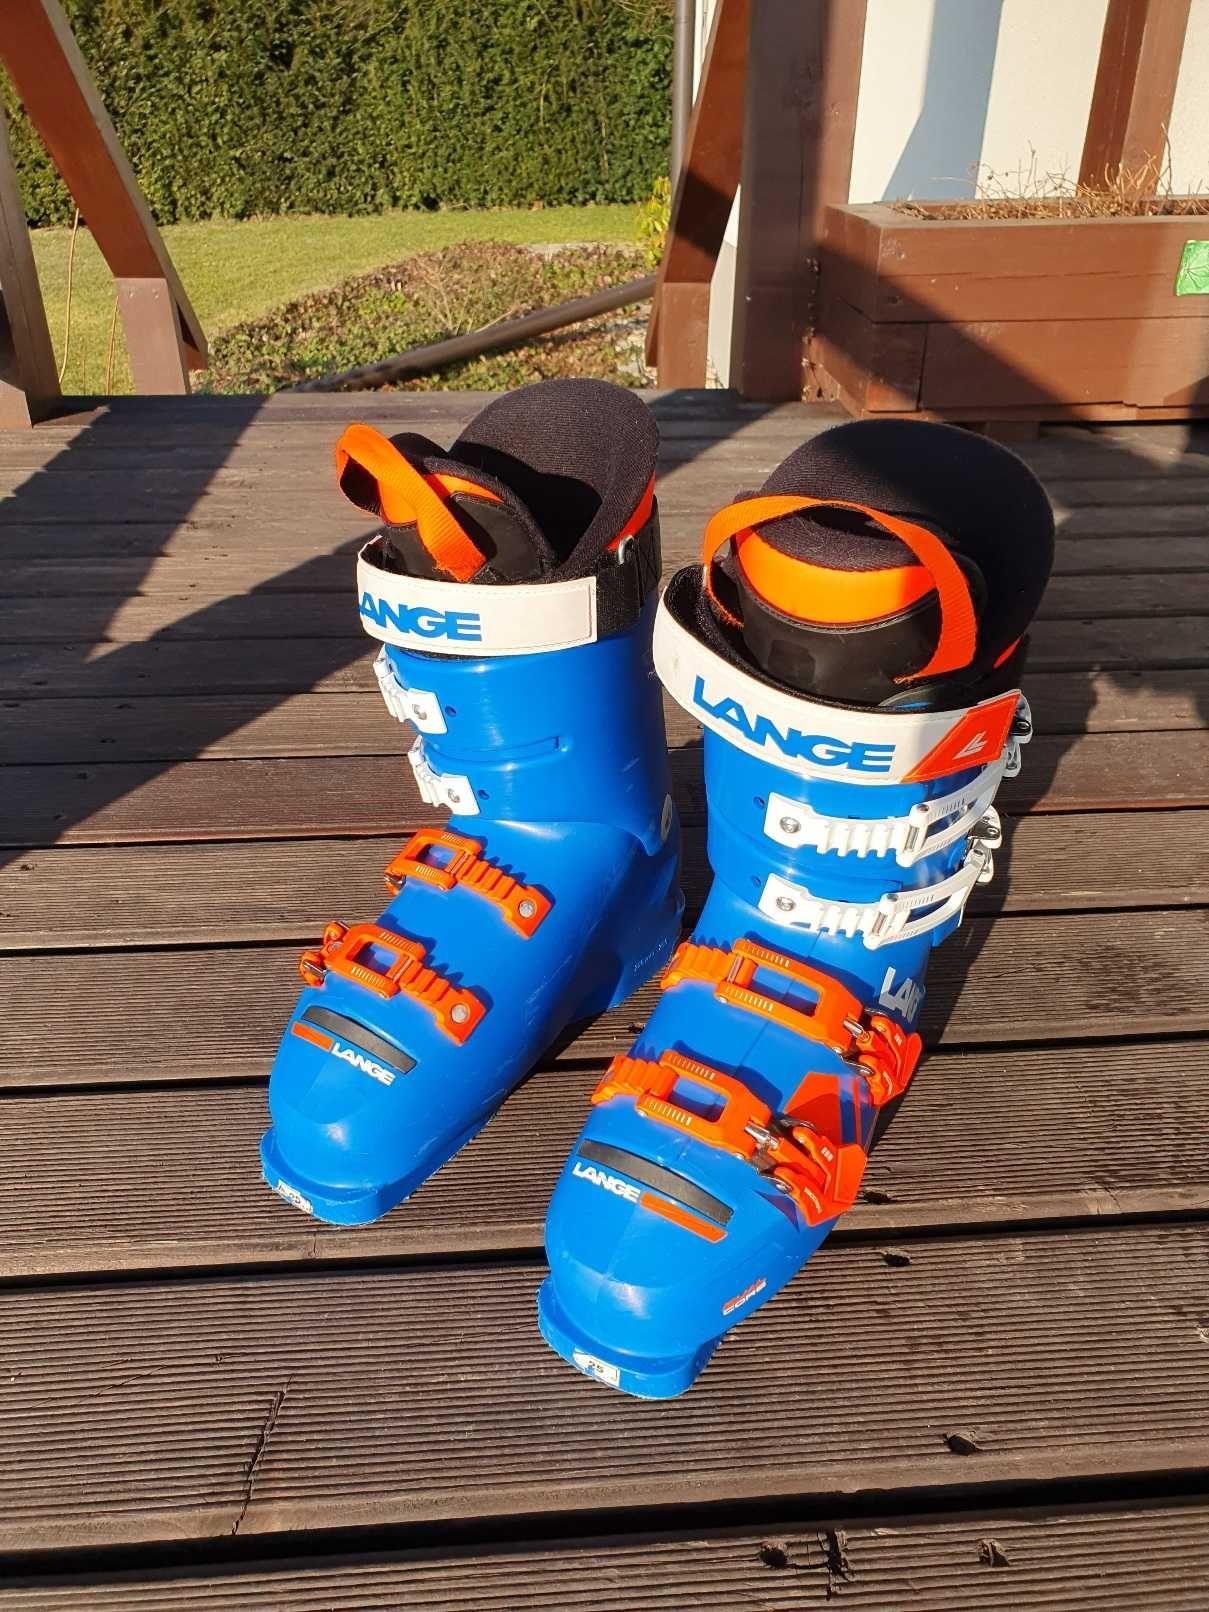 Buty narciarskie Lange RS 90 S.C. 25